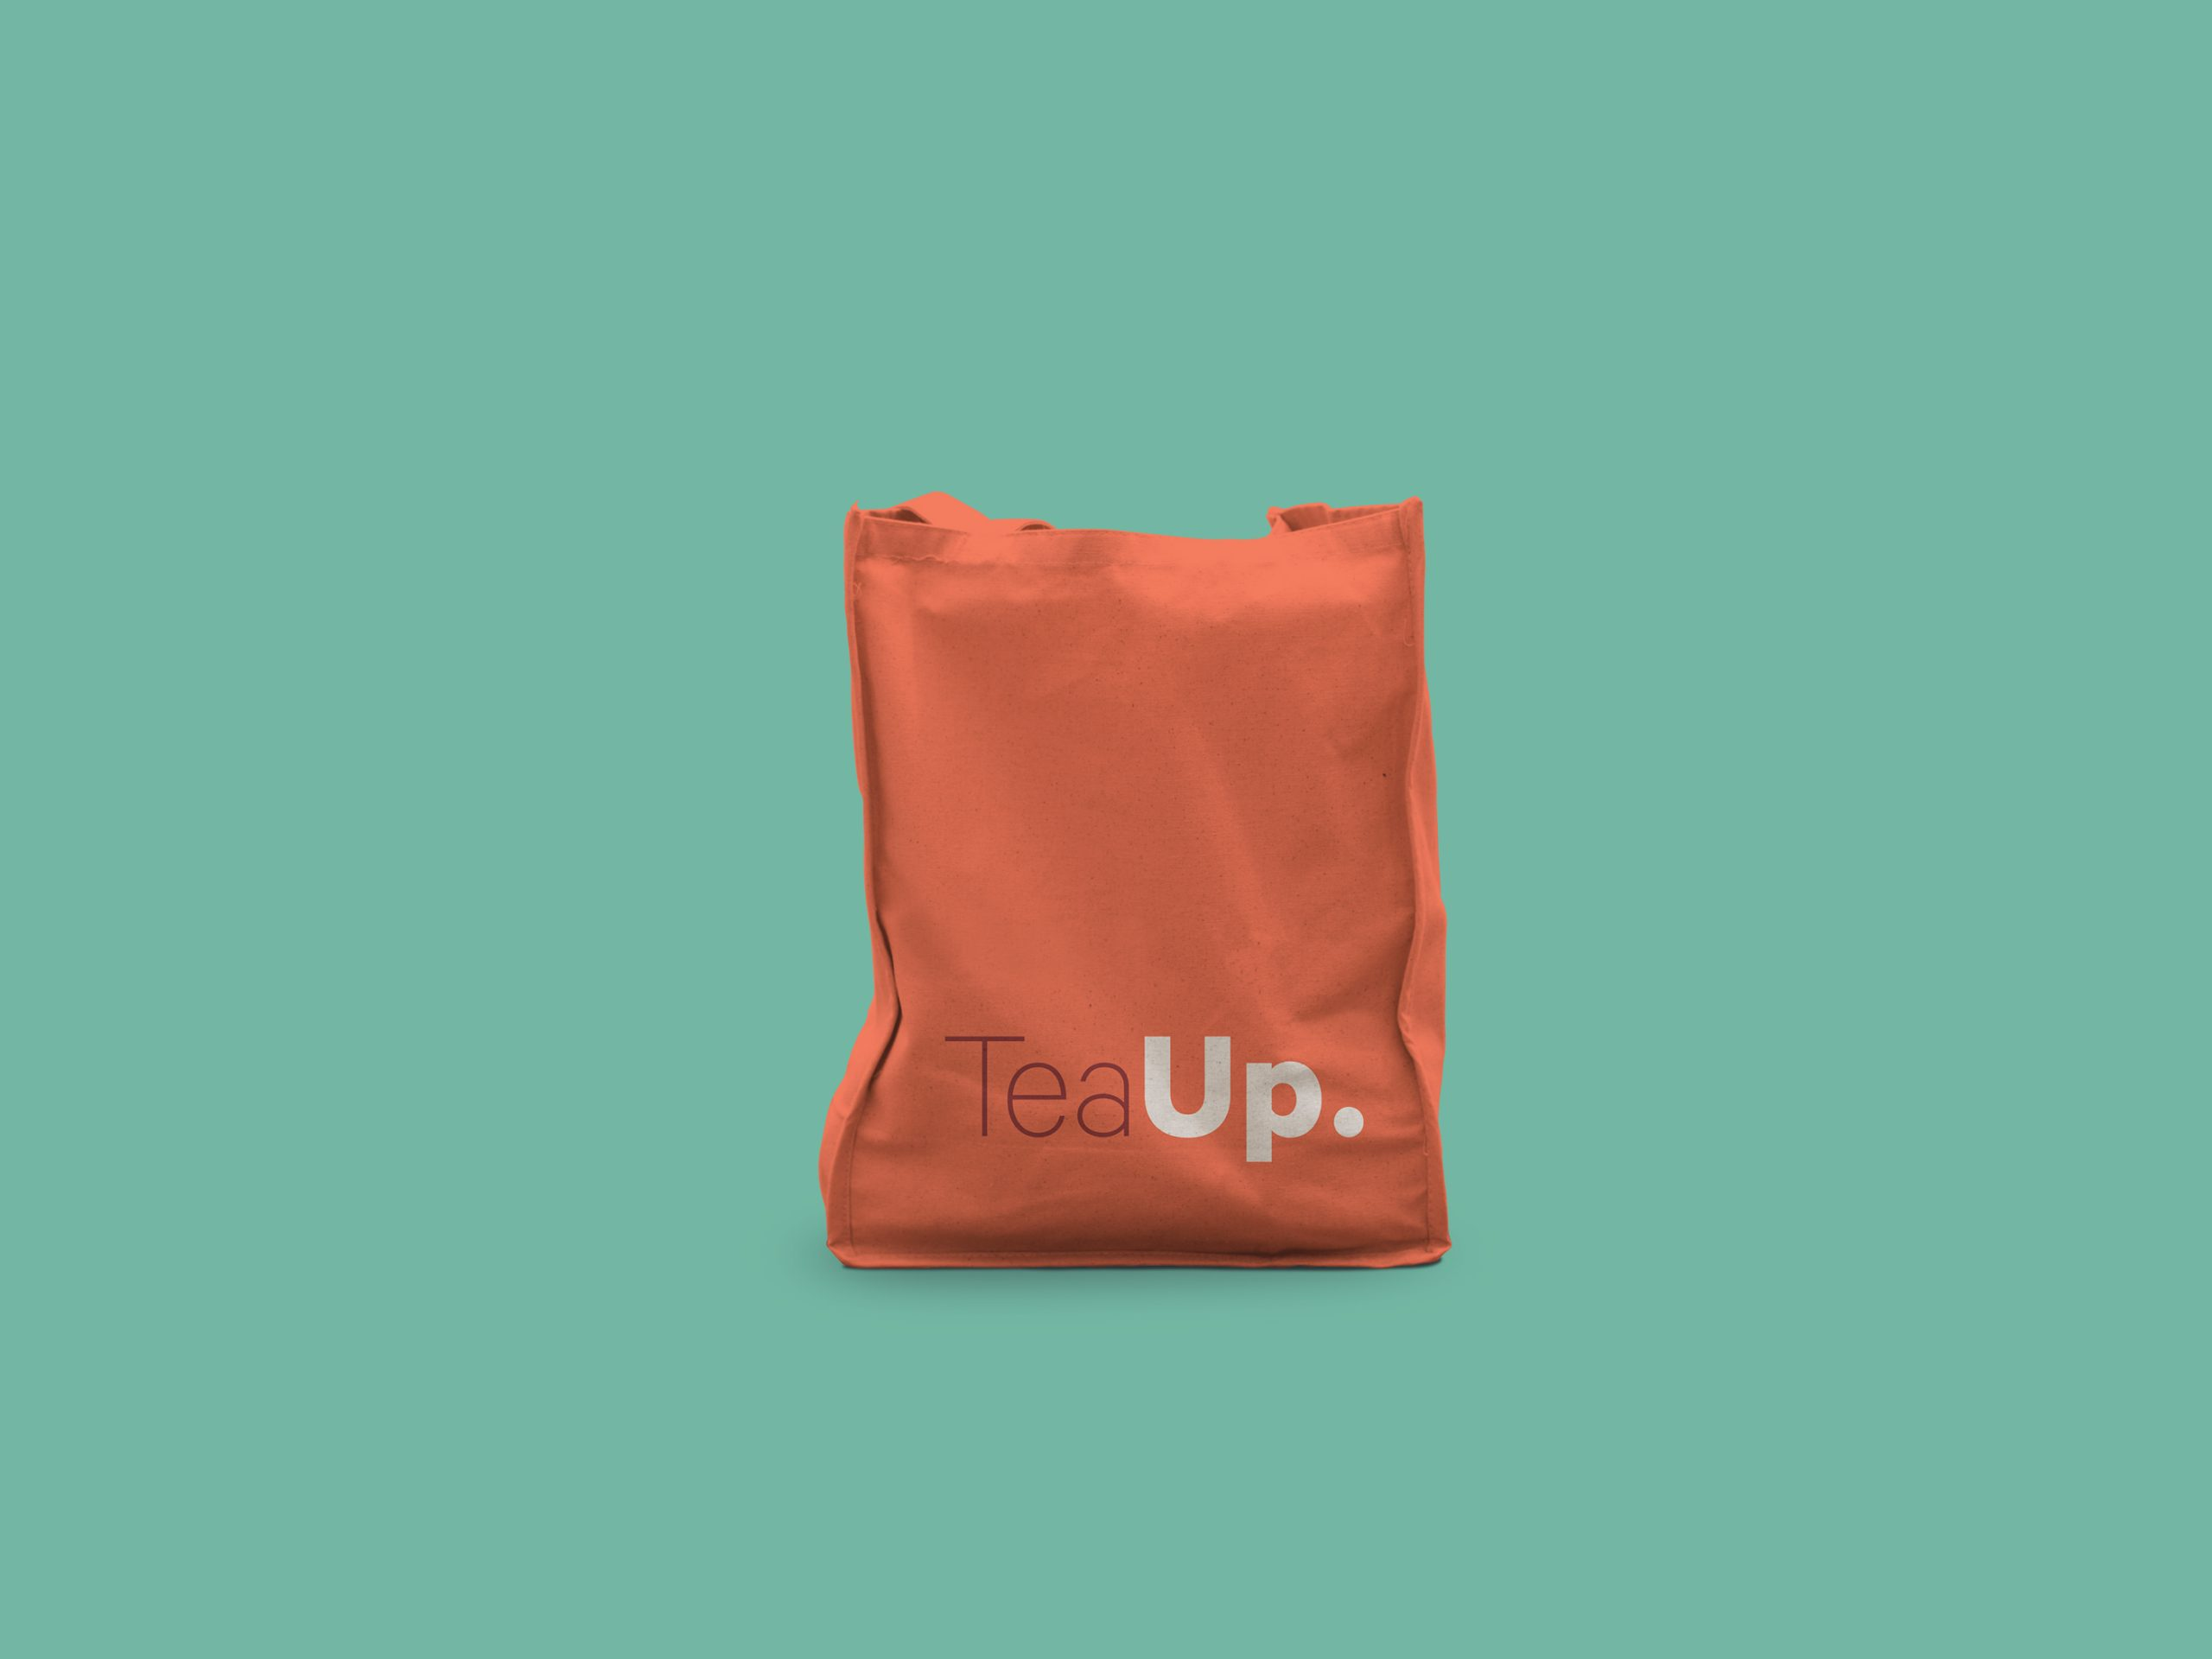 TeaUp Reusable Eco Bag